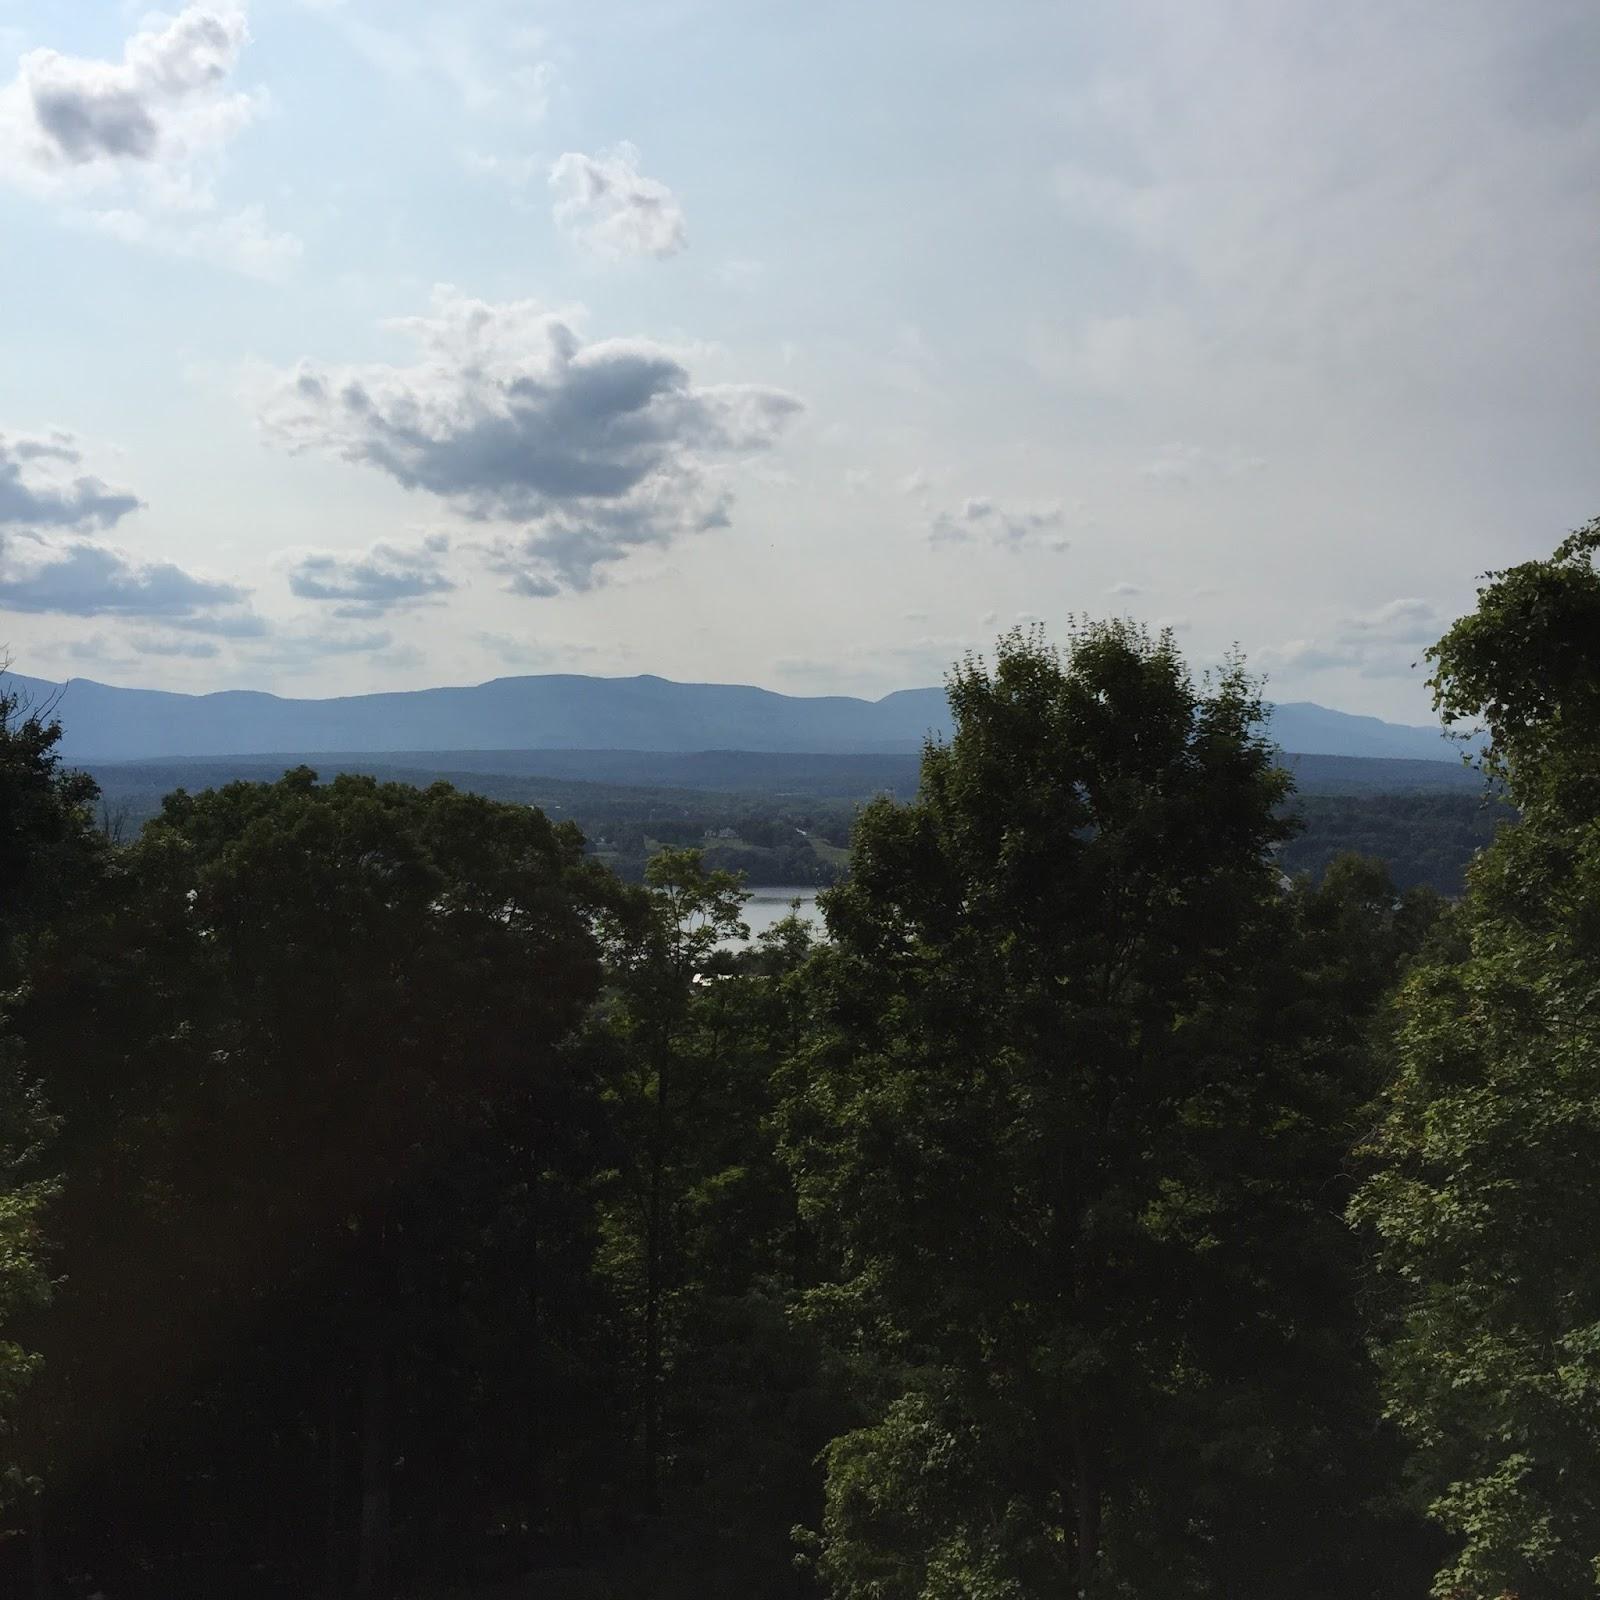 Hudson Valley New York: Hudson Valley Etsy (New York): A Visit To Hudson, NY